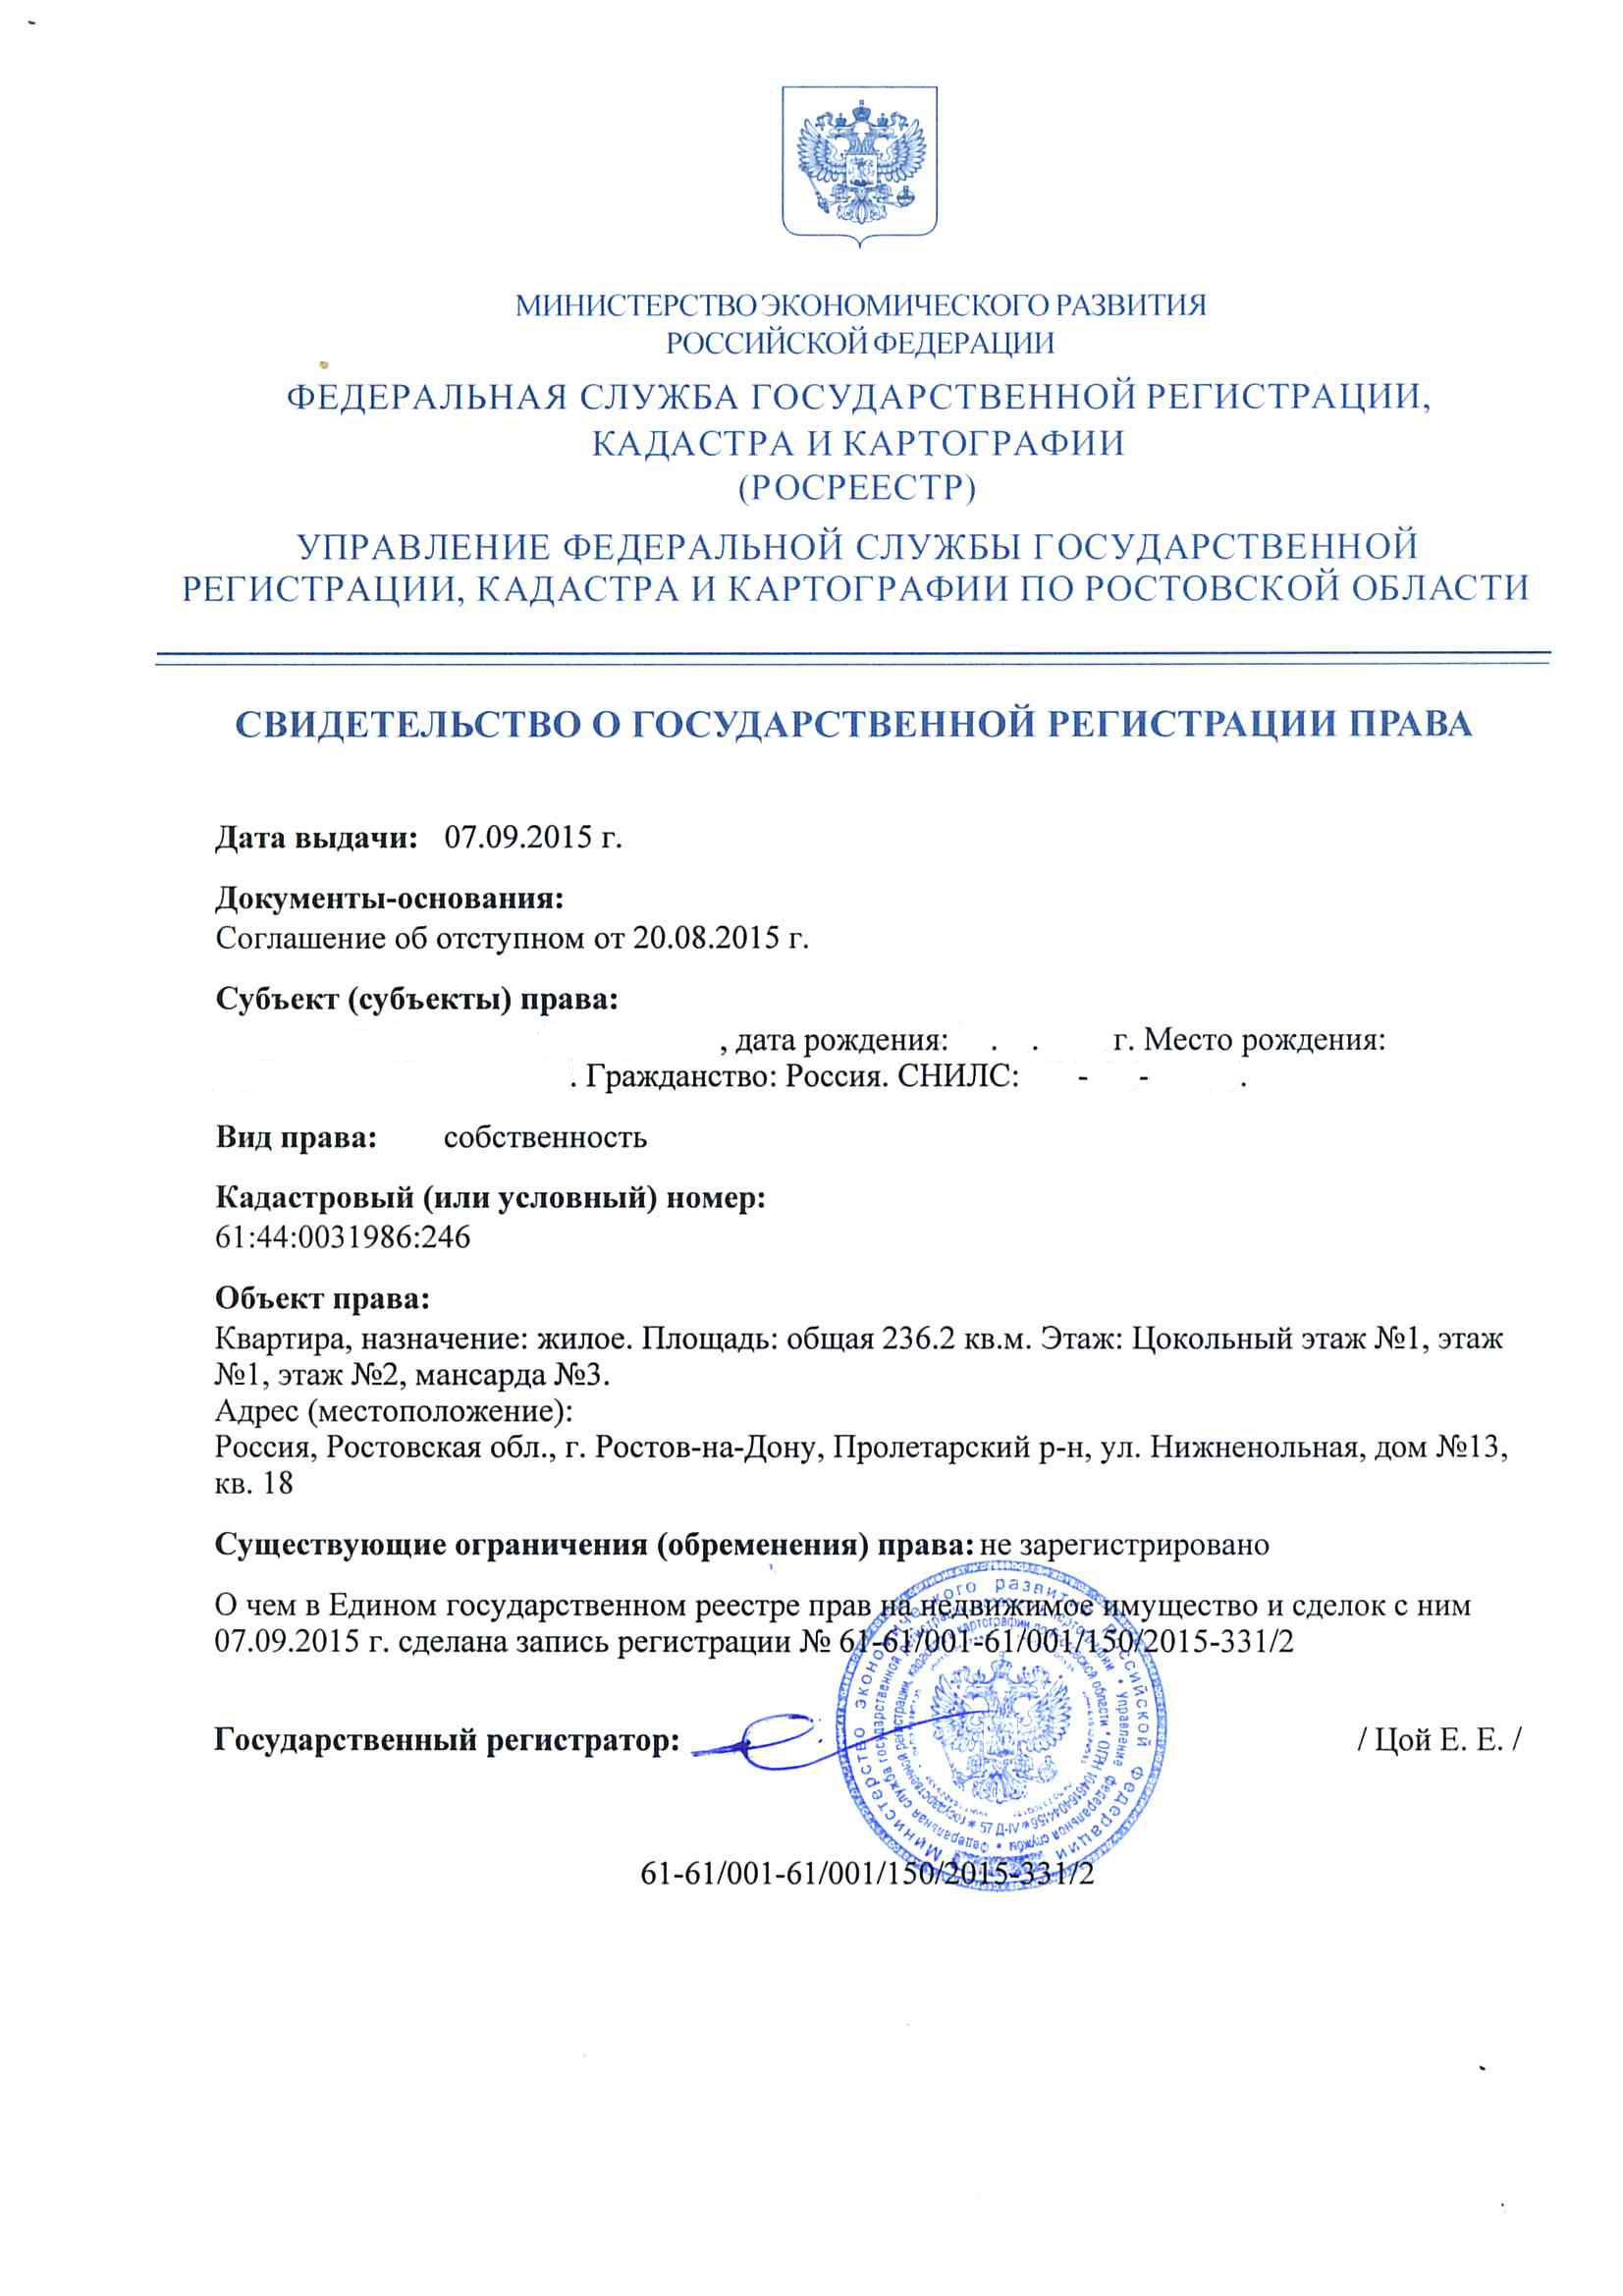 Свидетельство о гос регистрации квартира 18